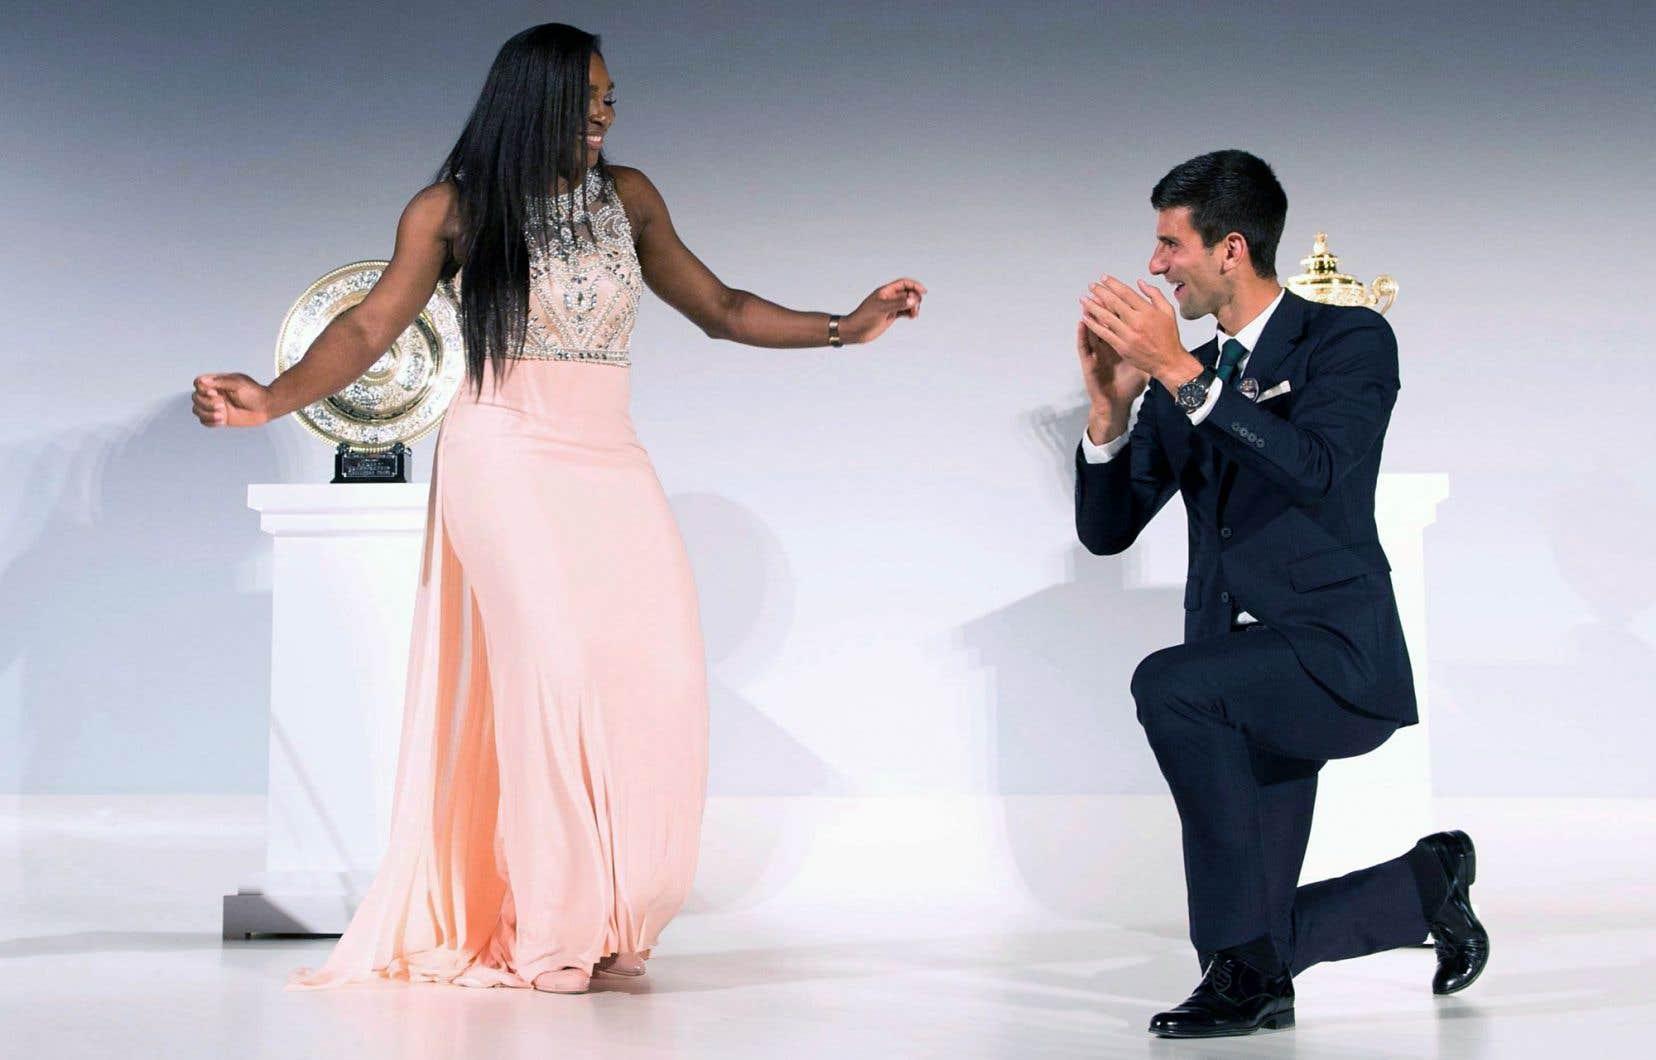 Serena Williams et Novak Djokovic ont effectué quelques pas de danse, en juillet, au gala qui a suivi leurs victoires à Wimbledon.